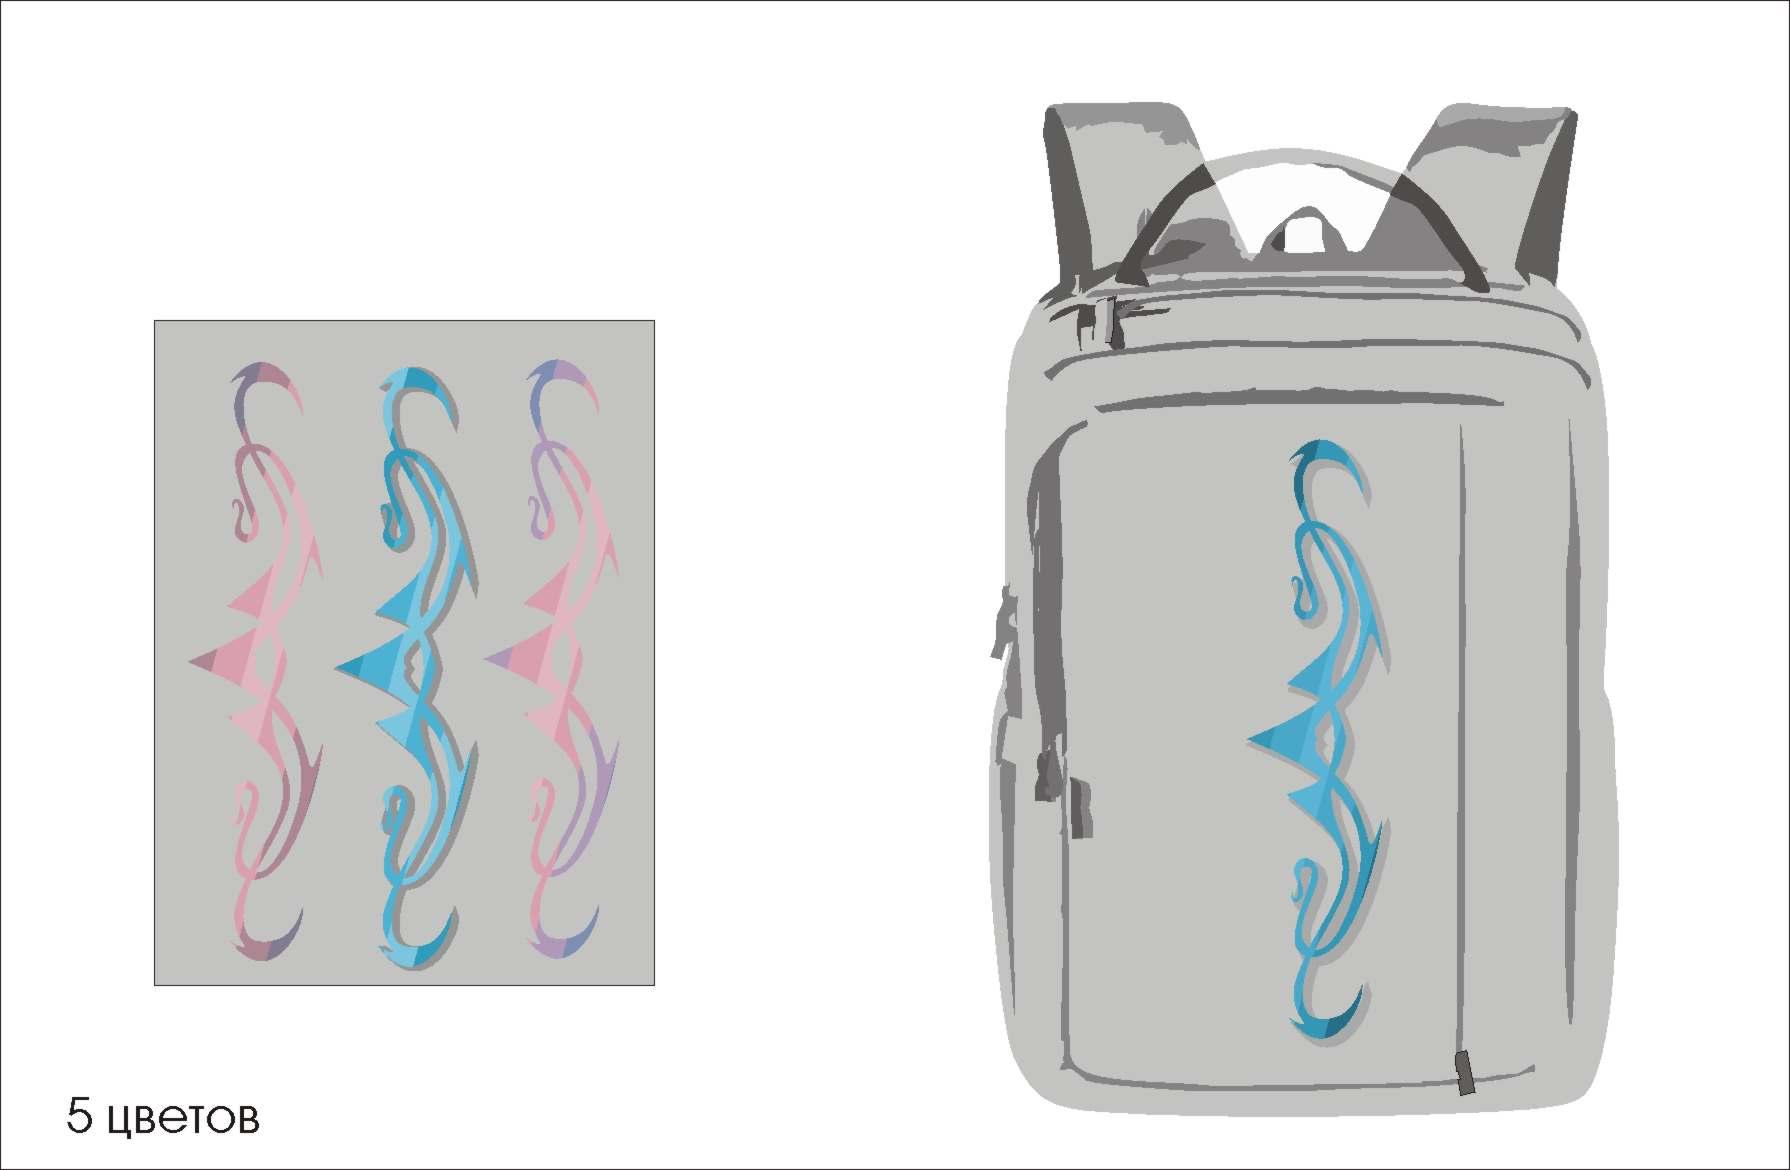 Конкурс на создание оригинального принта для рюкзаков фото f_8965f871992692ee.jpg